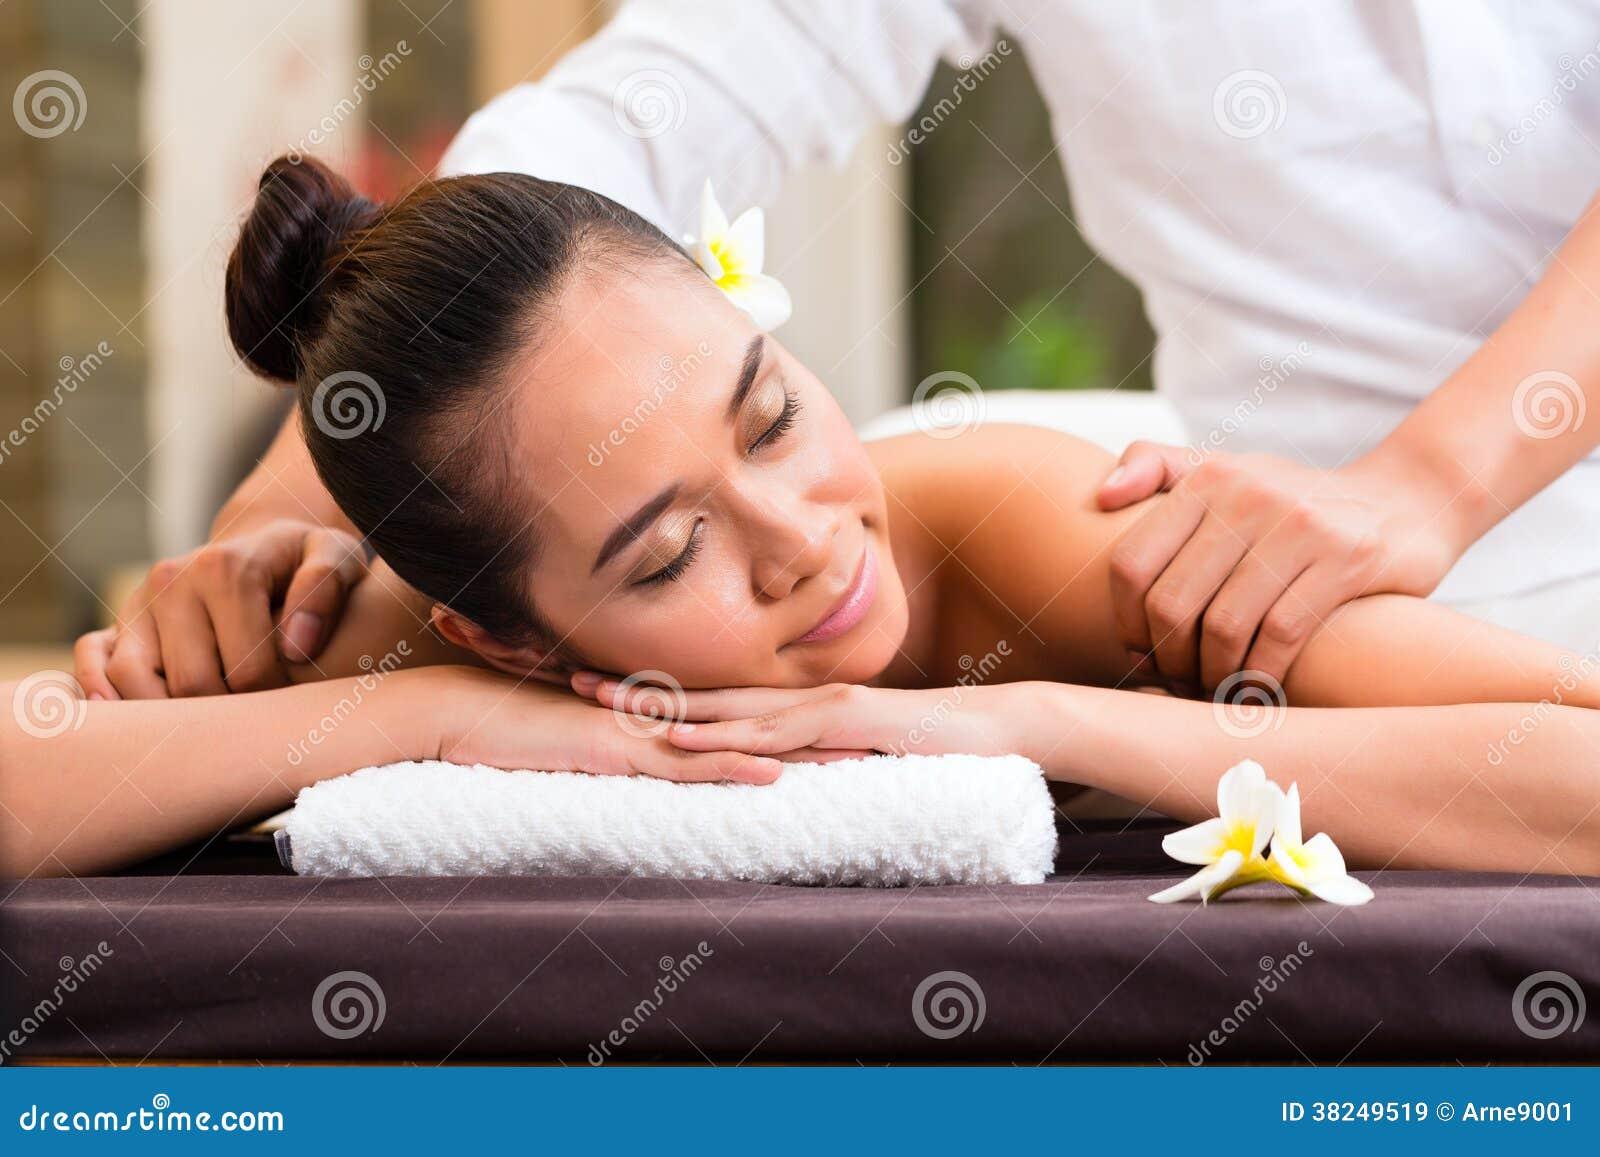 Rub Body Private Lic Spa Conveniently Full